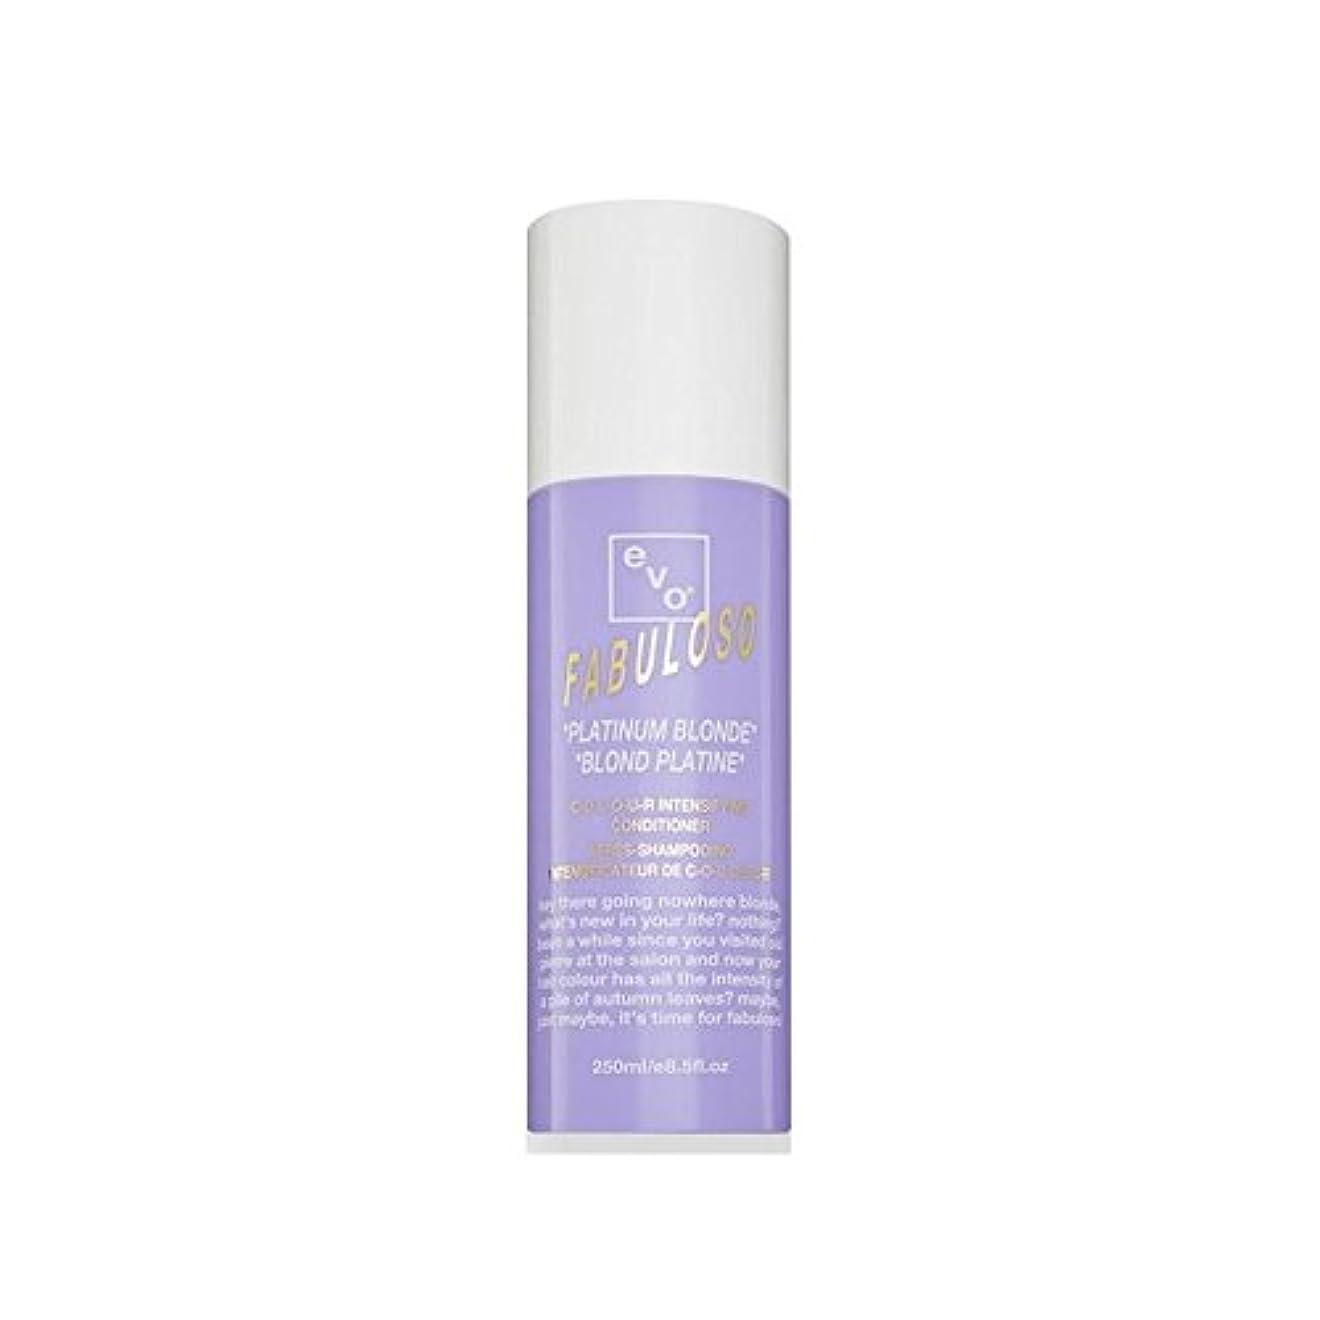 保有者再現する先住民Evo Fabuloso Colour Intensifying Conditioner Platinum Blonde (250ml) - 色増コンディショナープラチナブロンド(250ミリリットル) [並行輸入品]